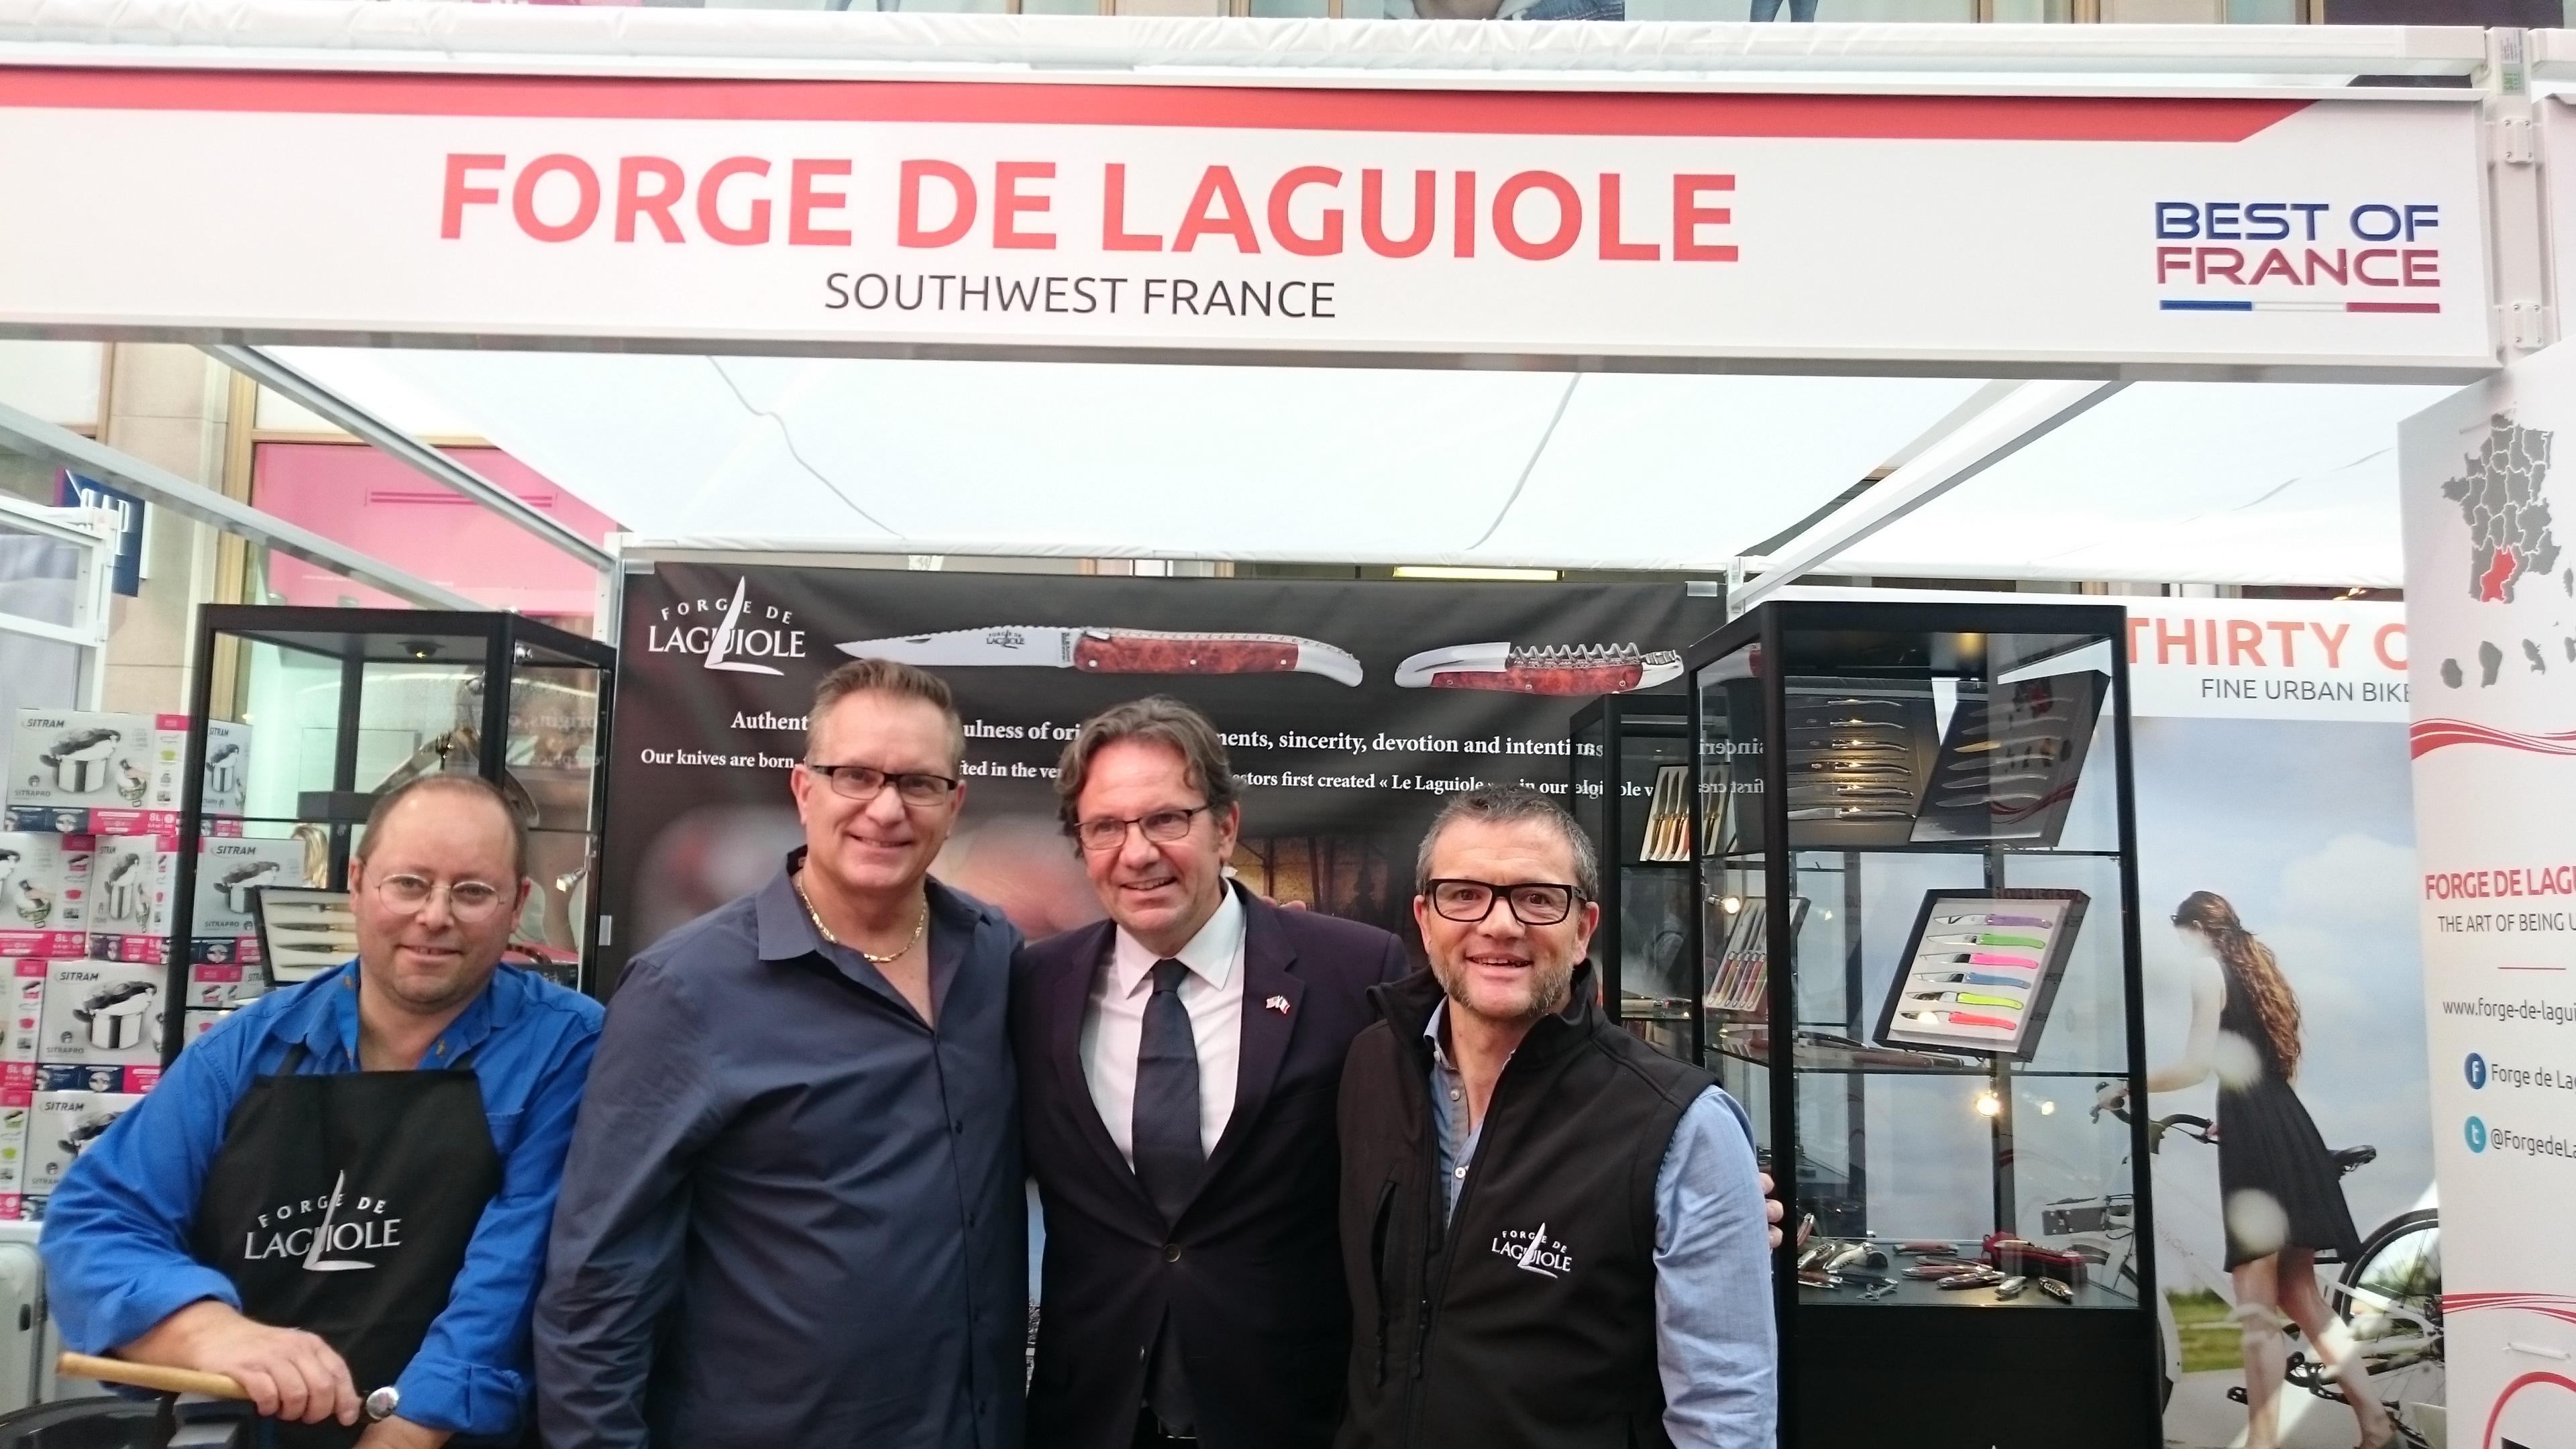 Visite de Frédéric Lefebvre, député des Français établis hors de France